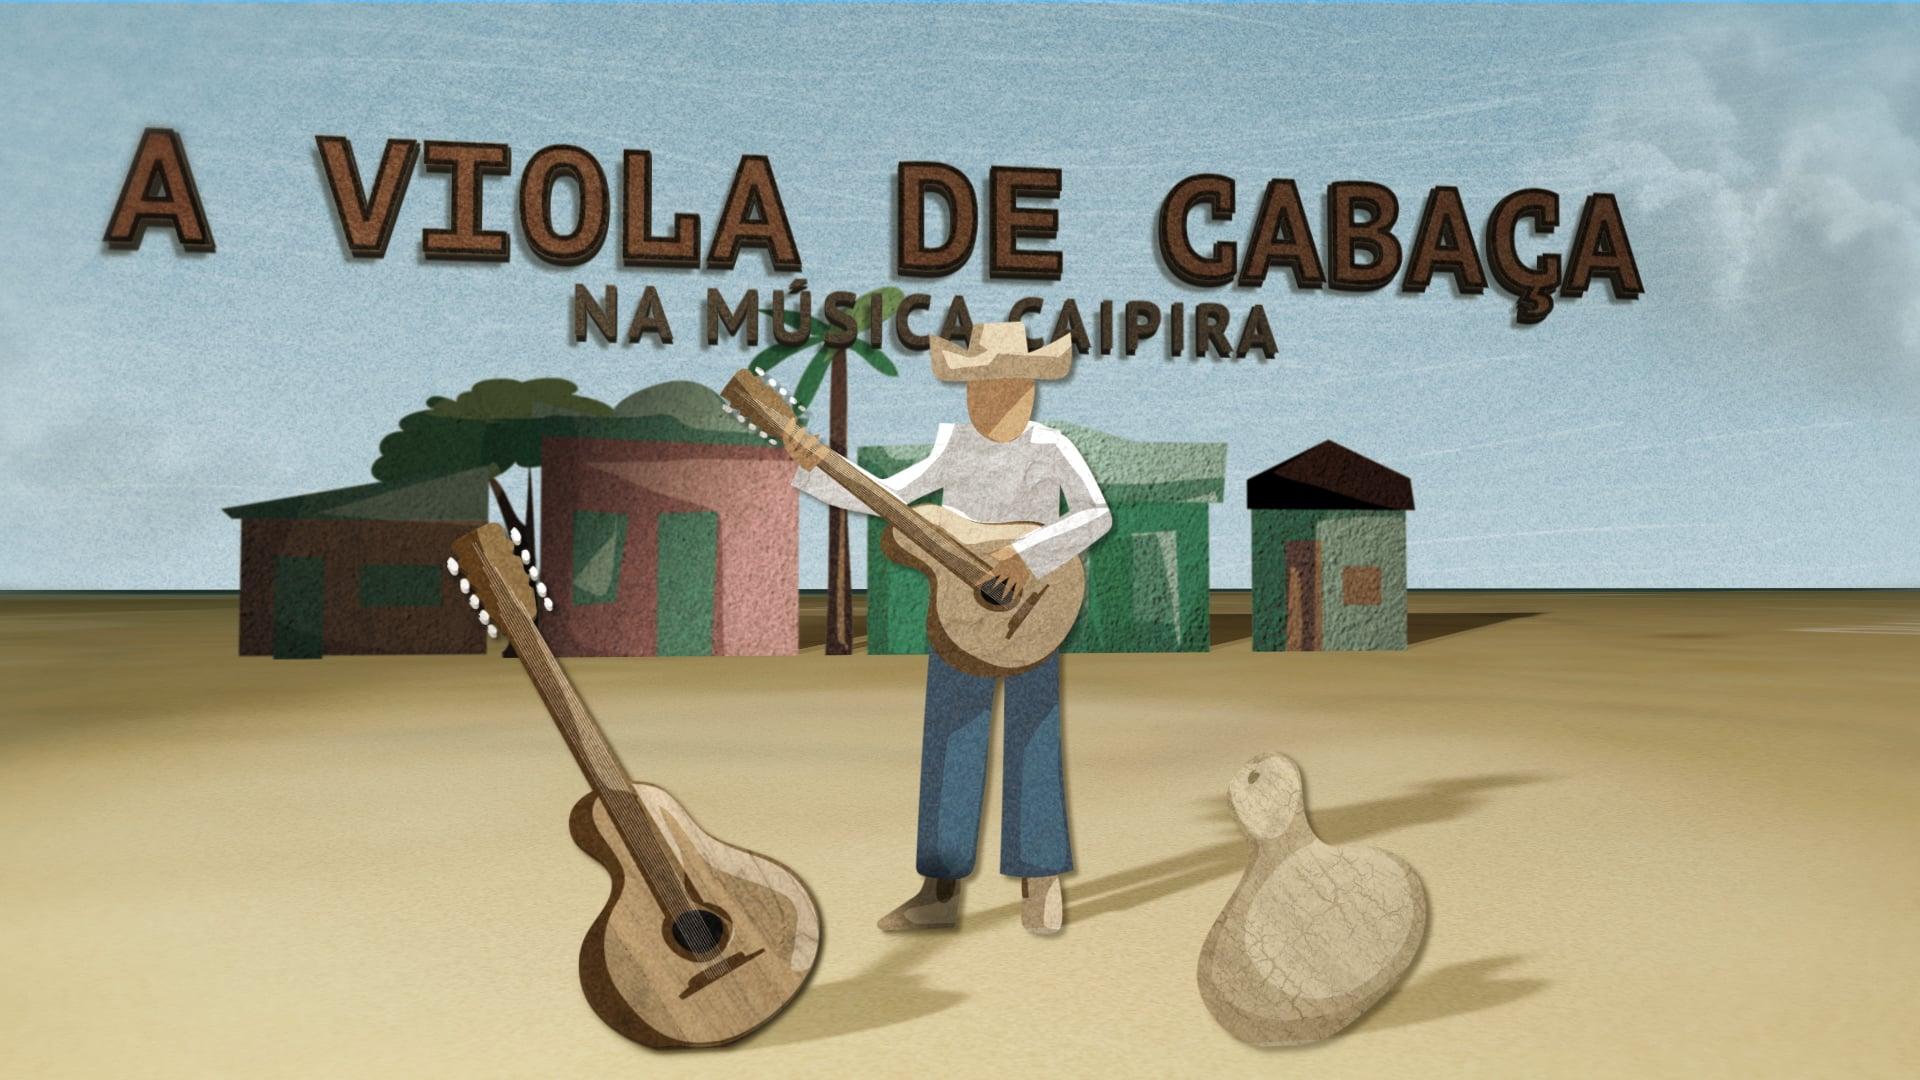 Taquaras 2 - Ep13 - Viola de Cabaça (Teaser)